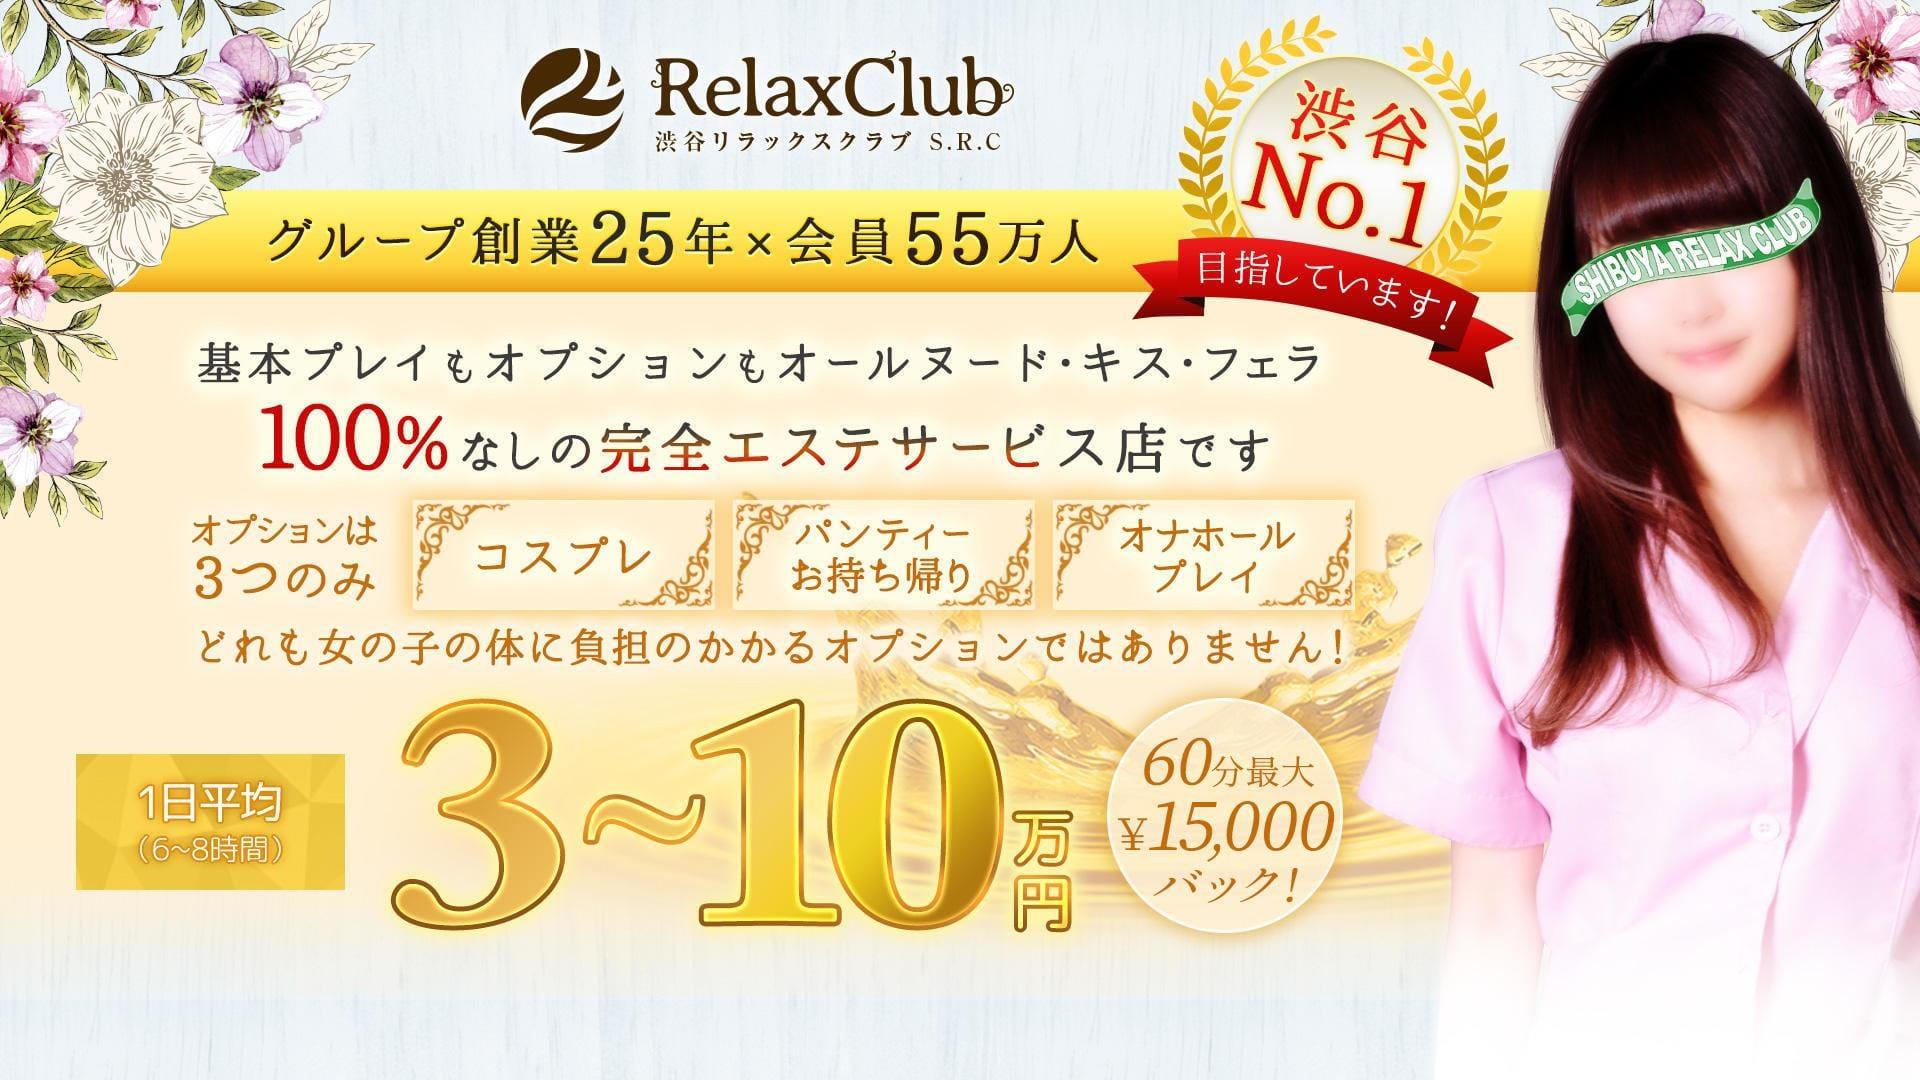 渋谷リラックスクラブ S.R.C(リップグループ)